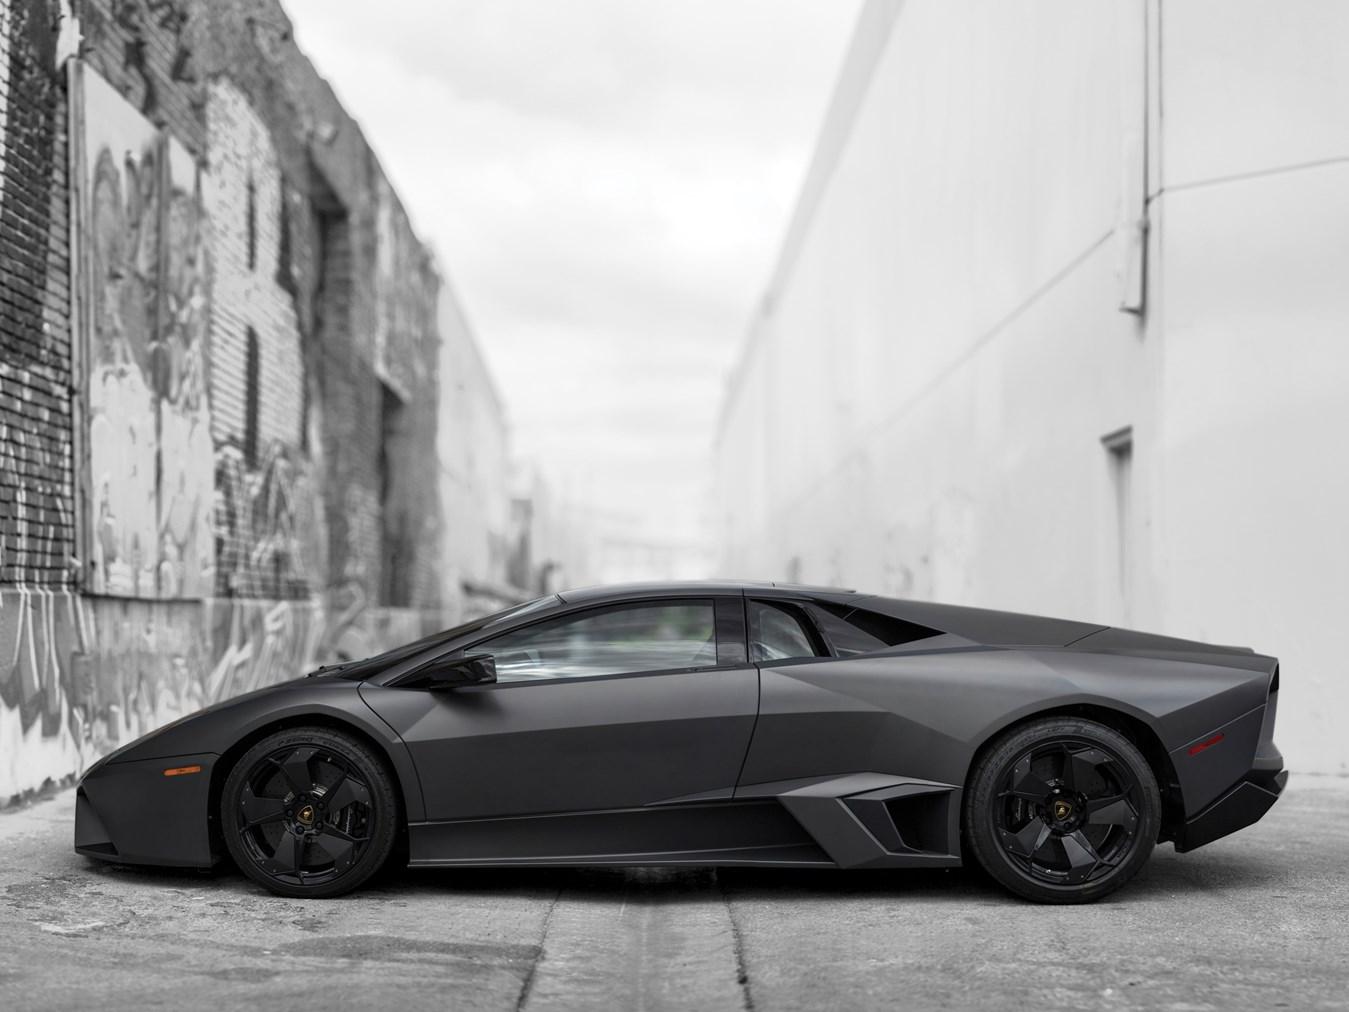 2008 Lamborghini Reventón